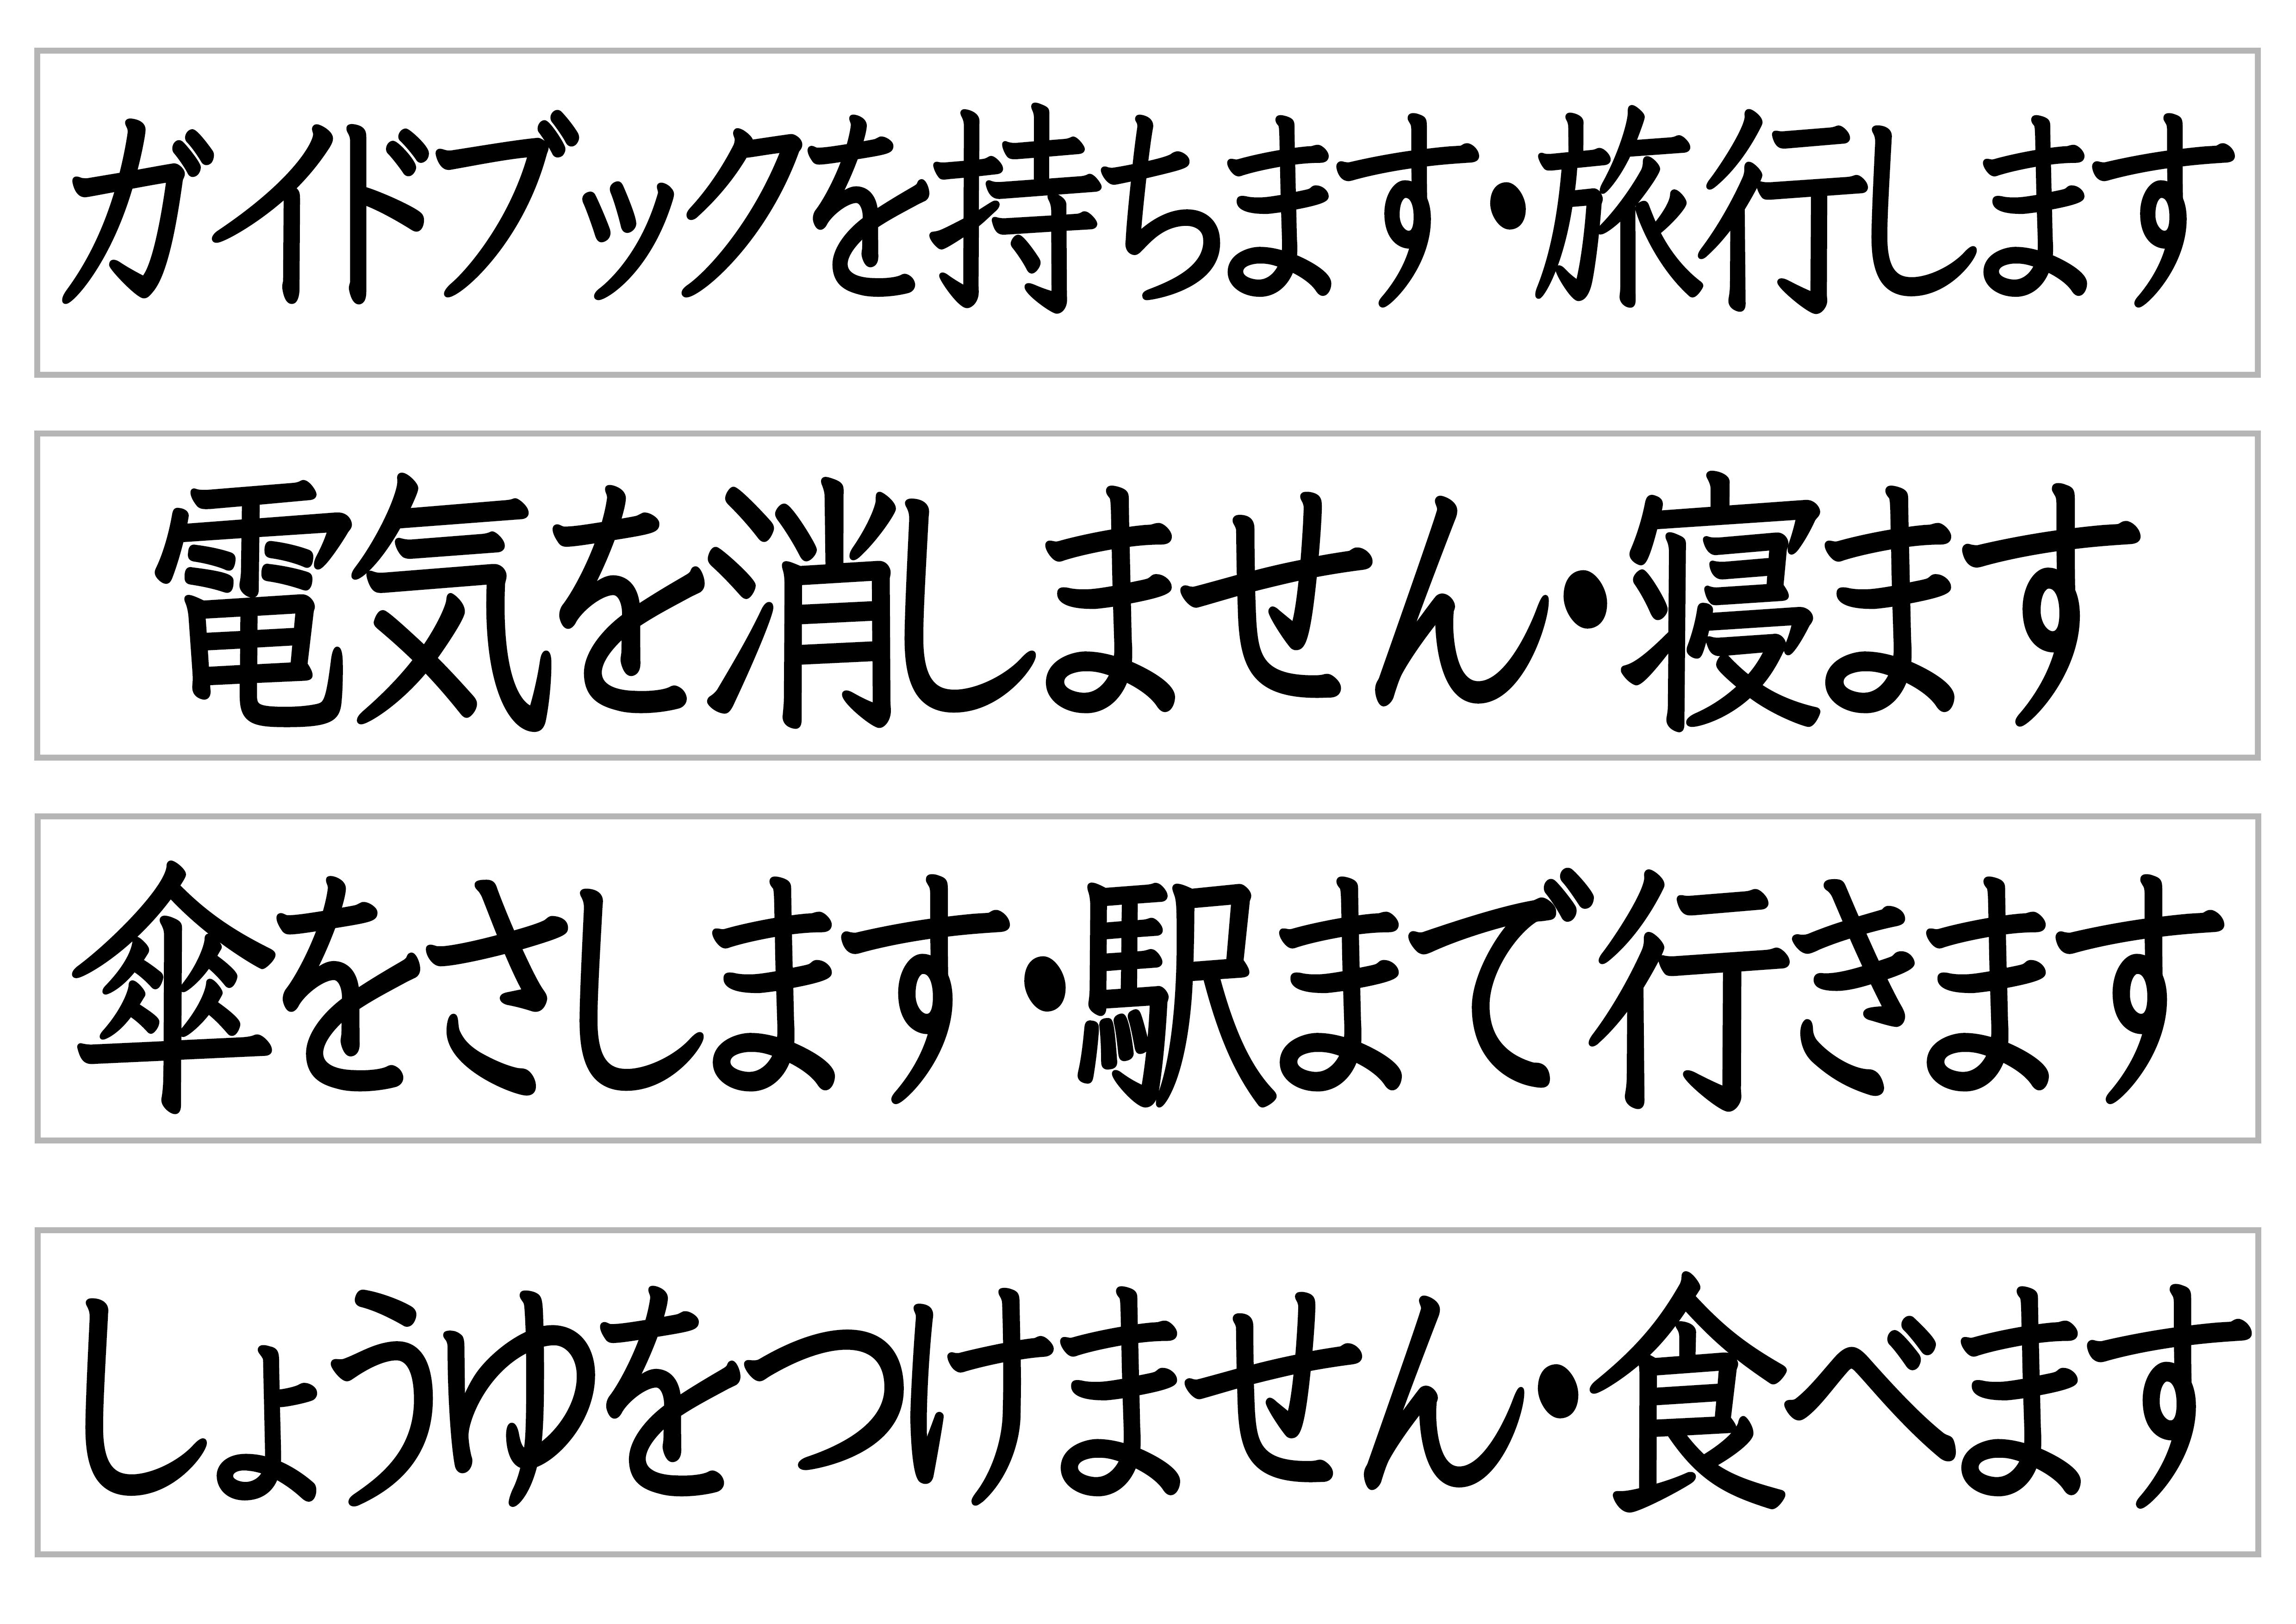 34課文字カード【〜て(付帯状況)】